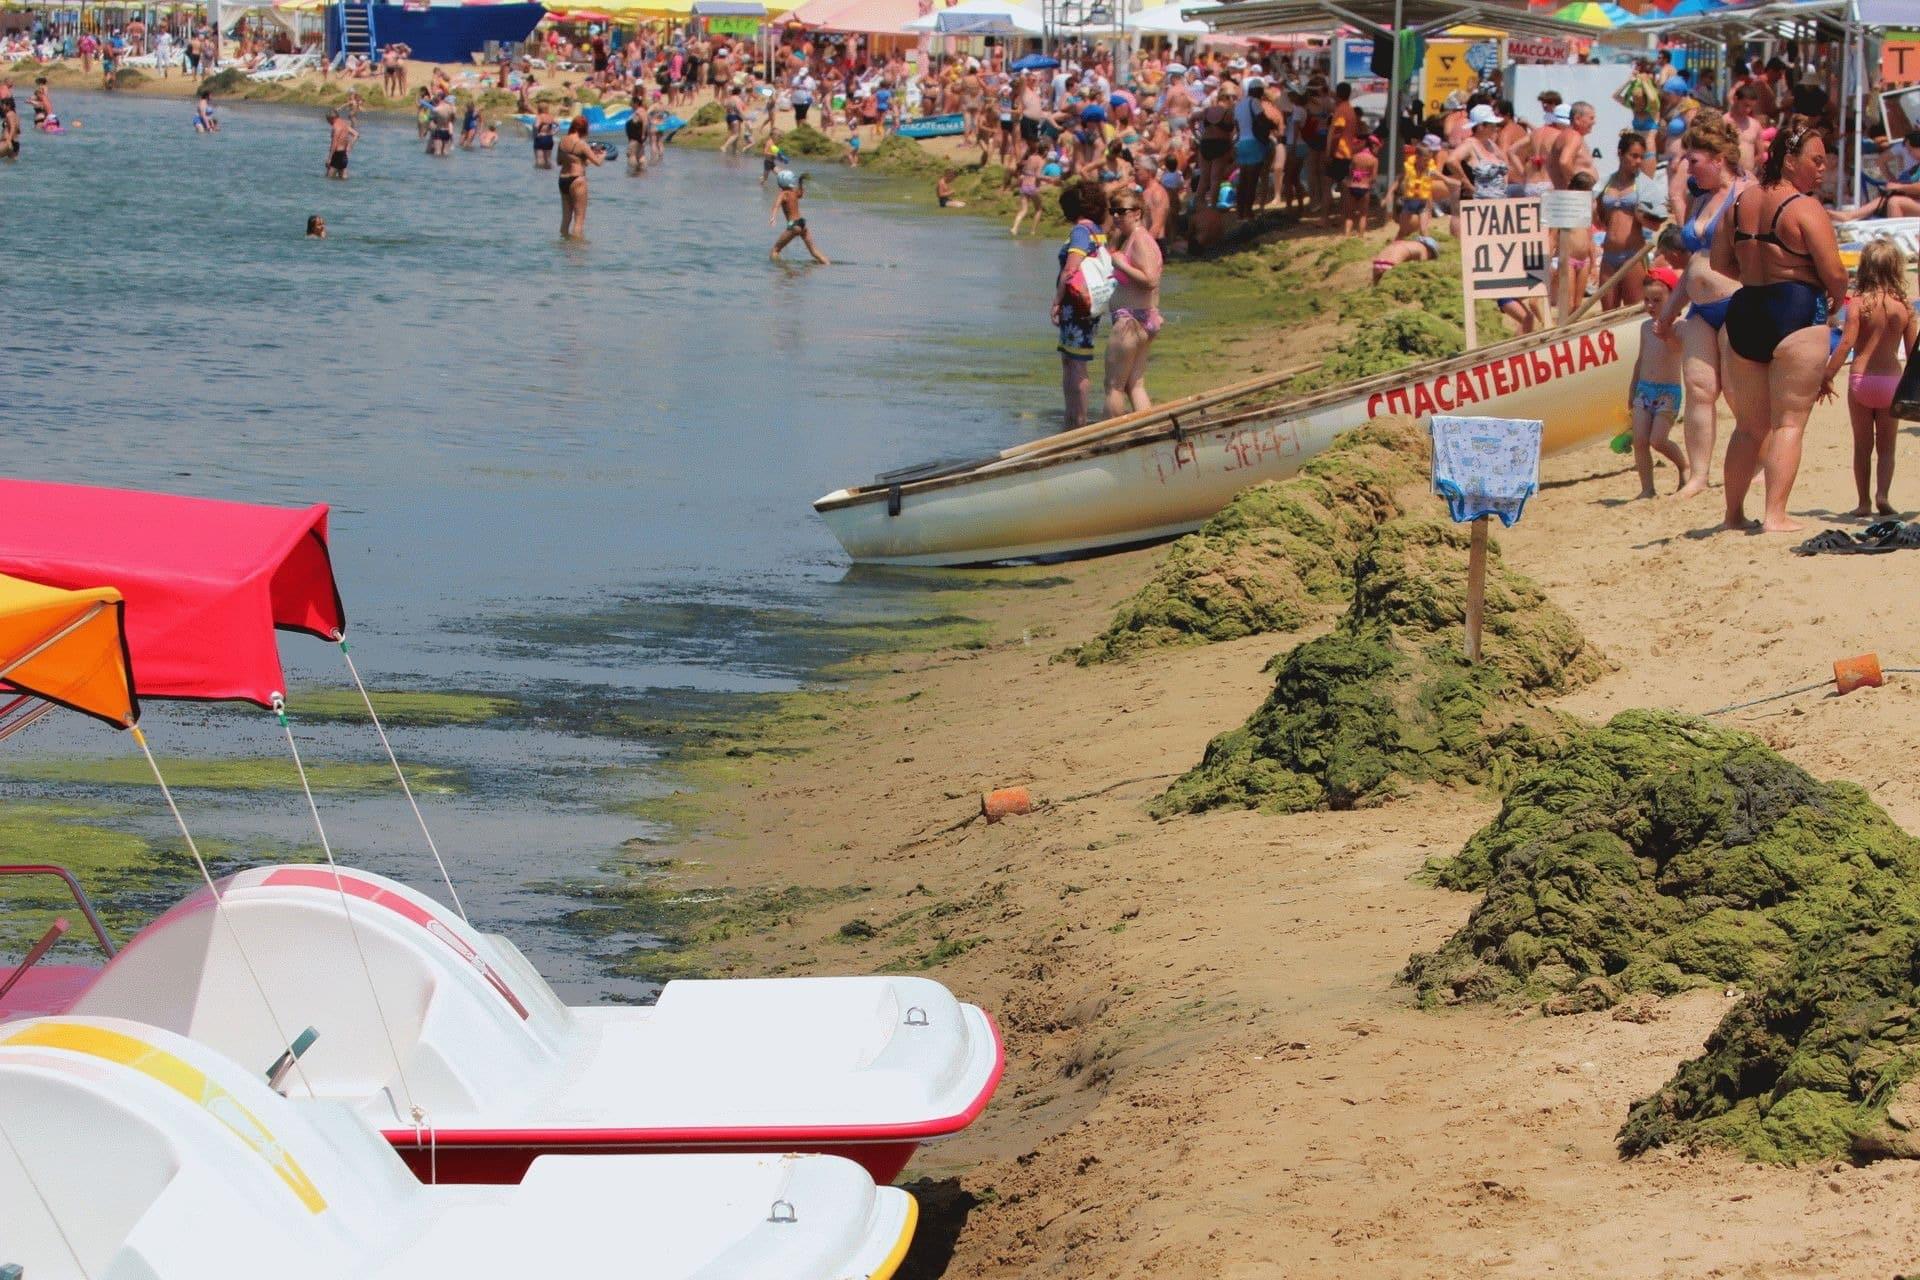 Море в Анапе цветёт в августе 2019 или нет: можно ли купаться в период цветения моря